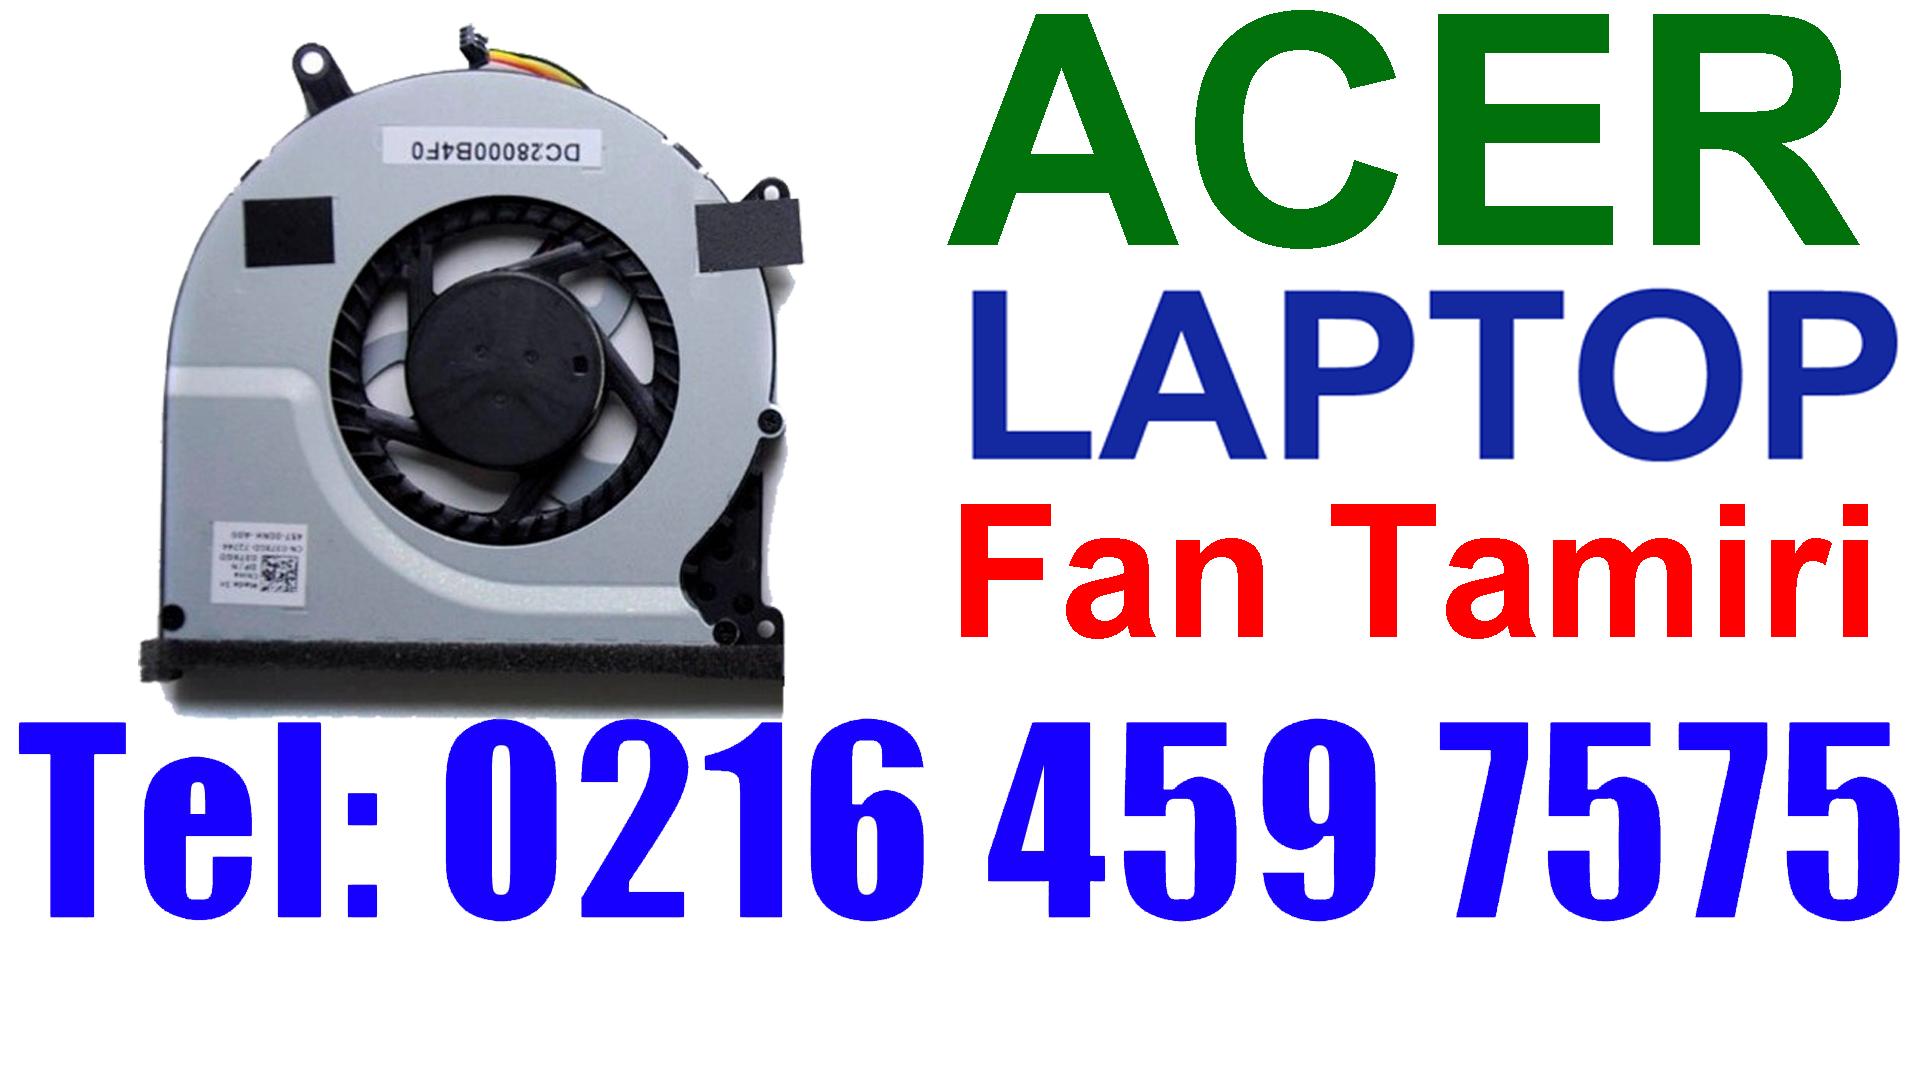 Acer Laptop Fan Tamiri ve Değişimi